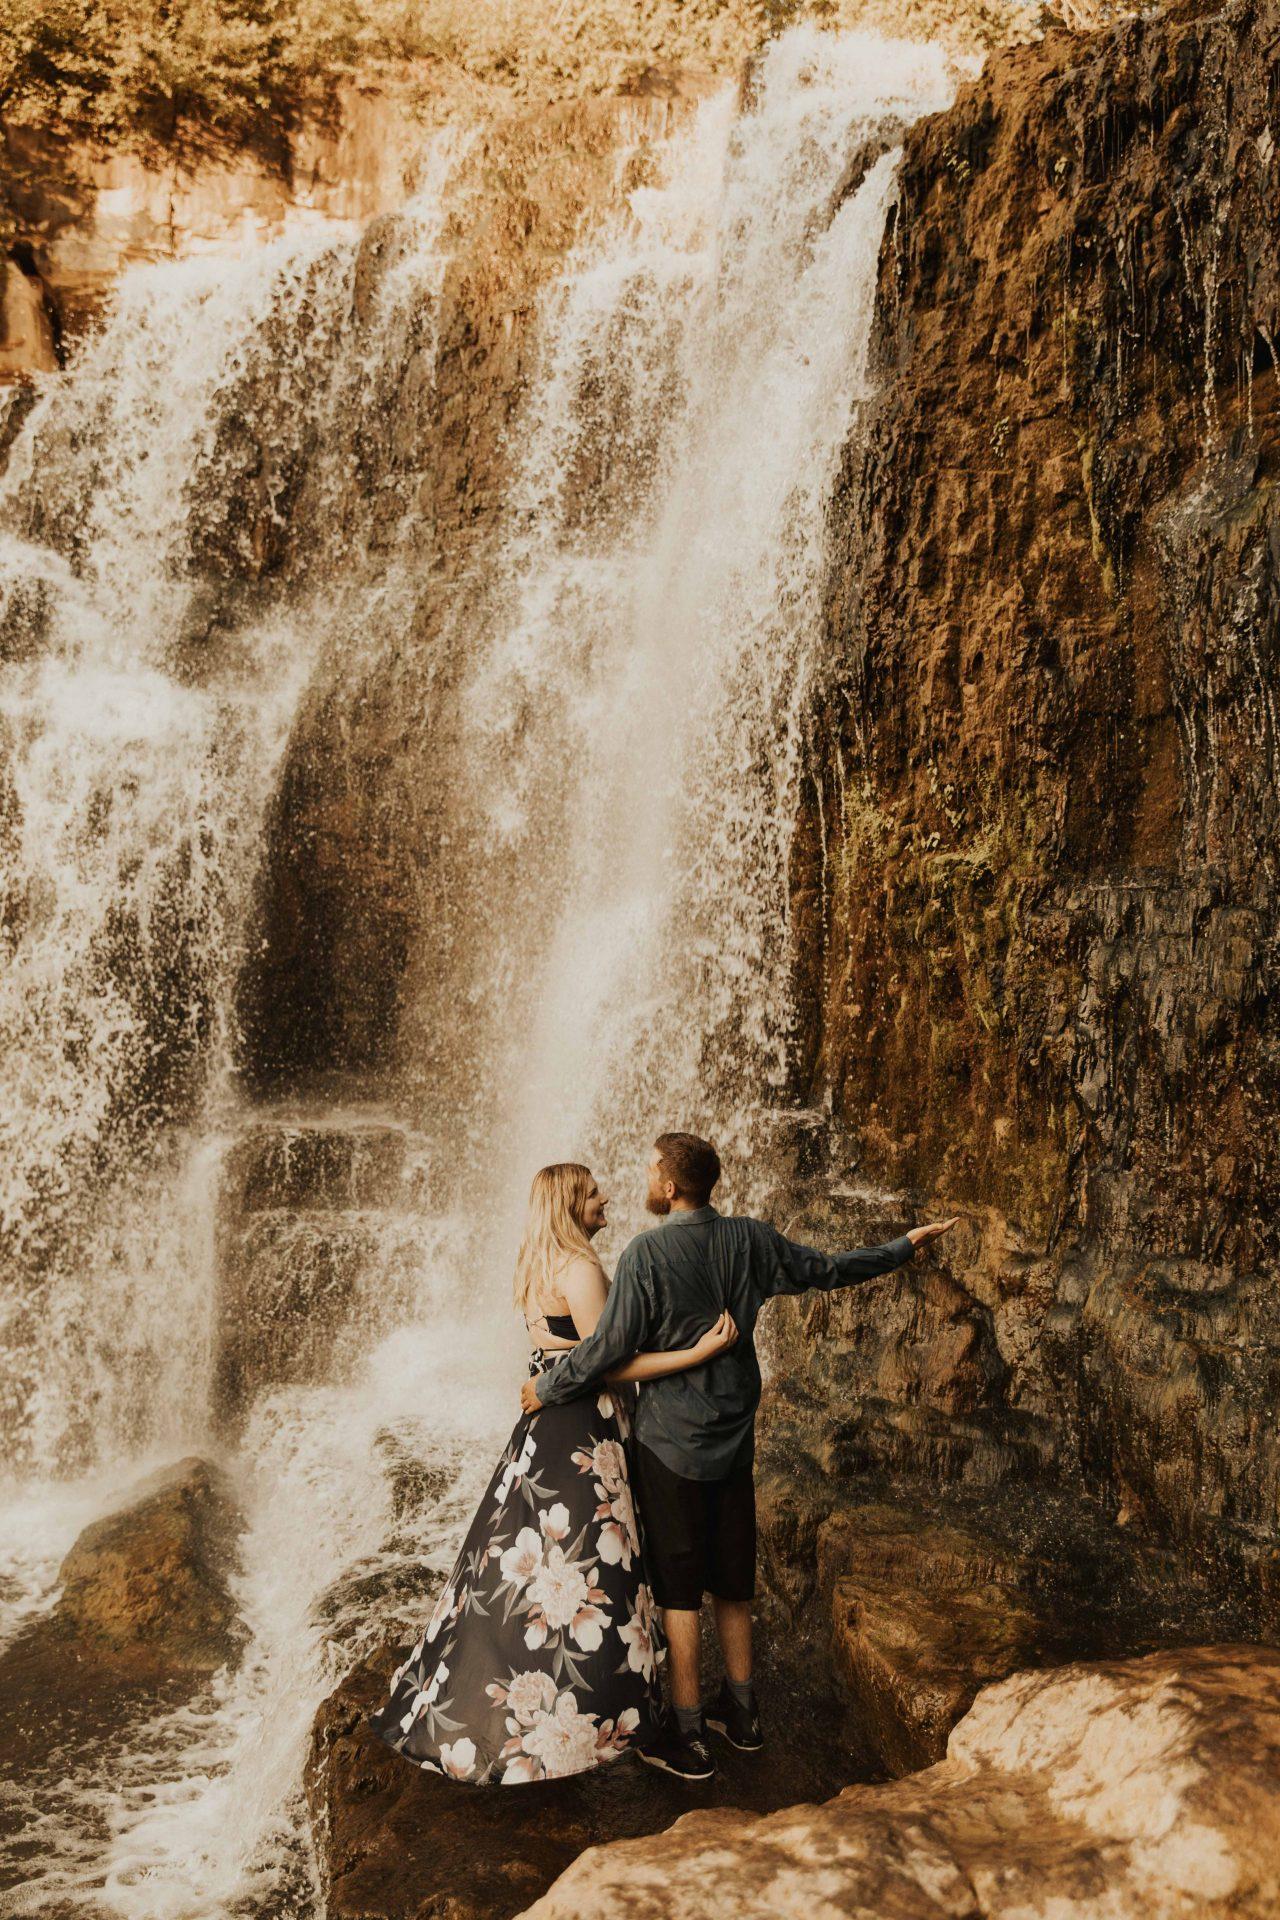 Inglis falls photoshoot